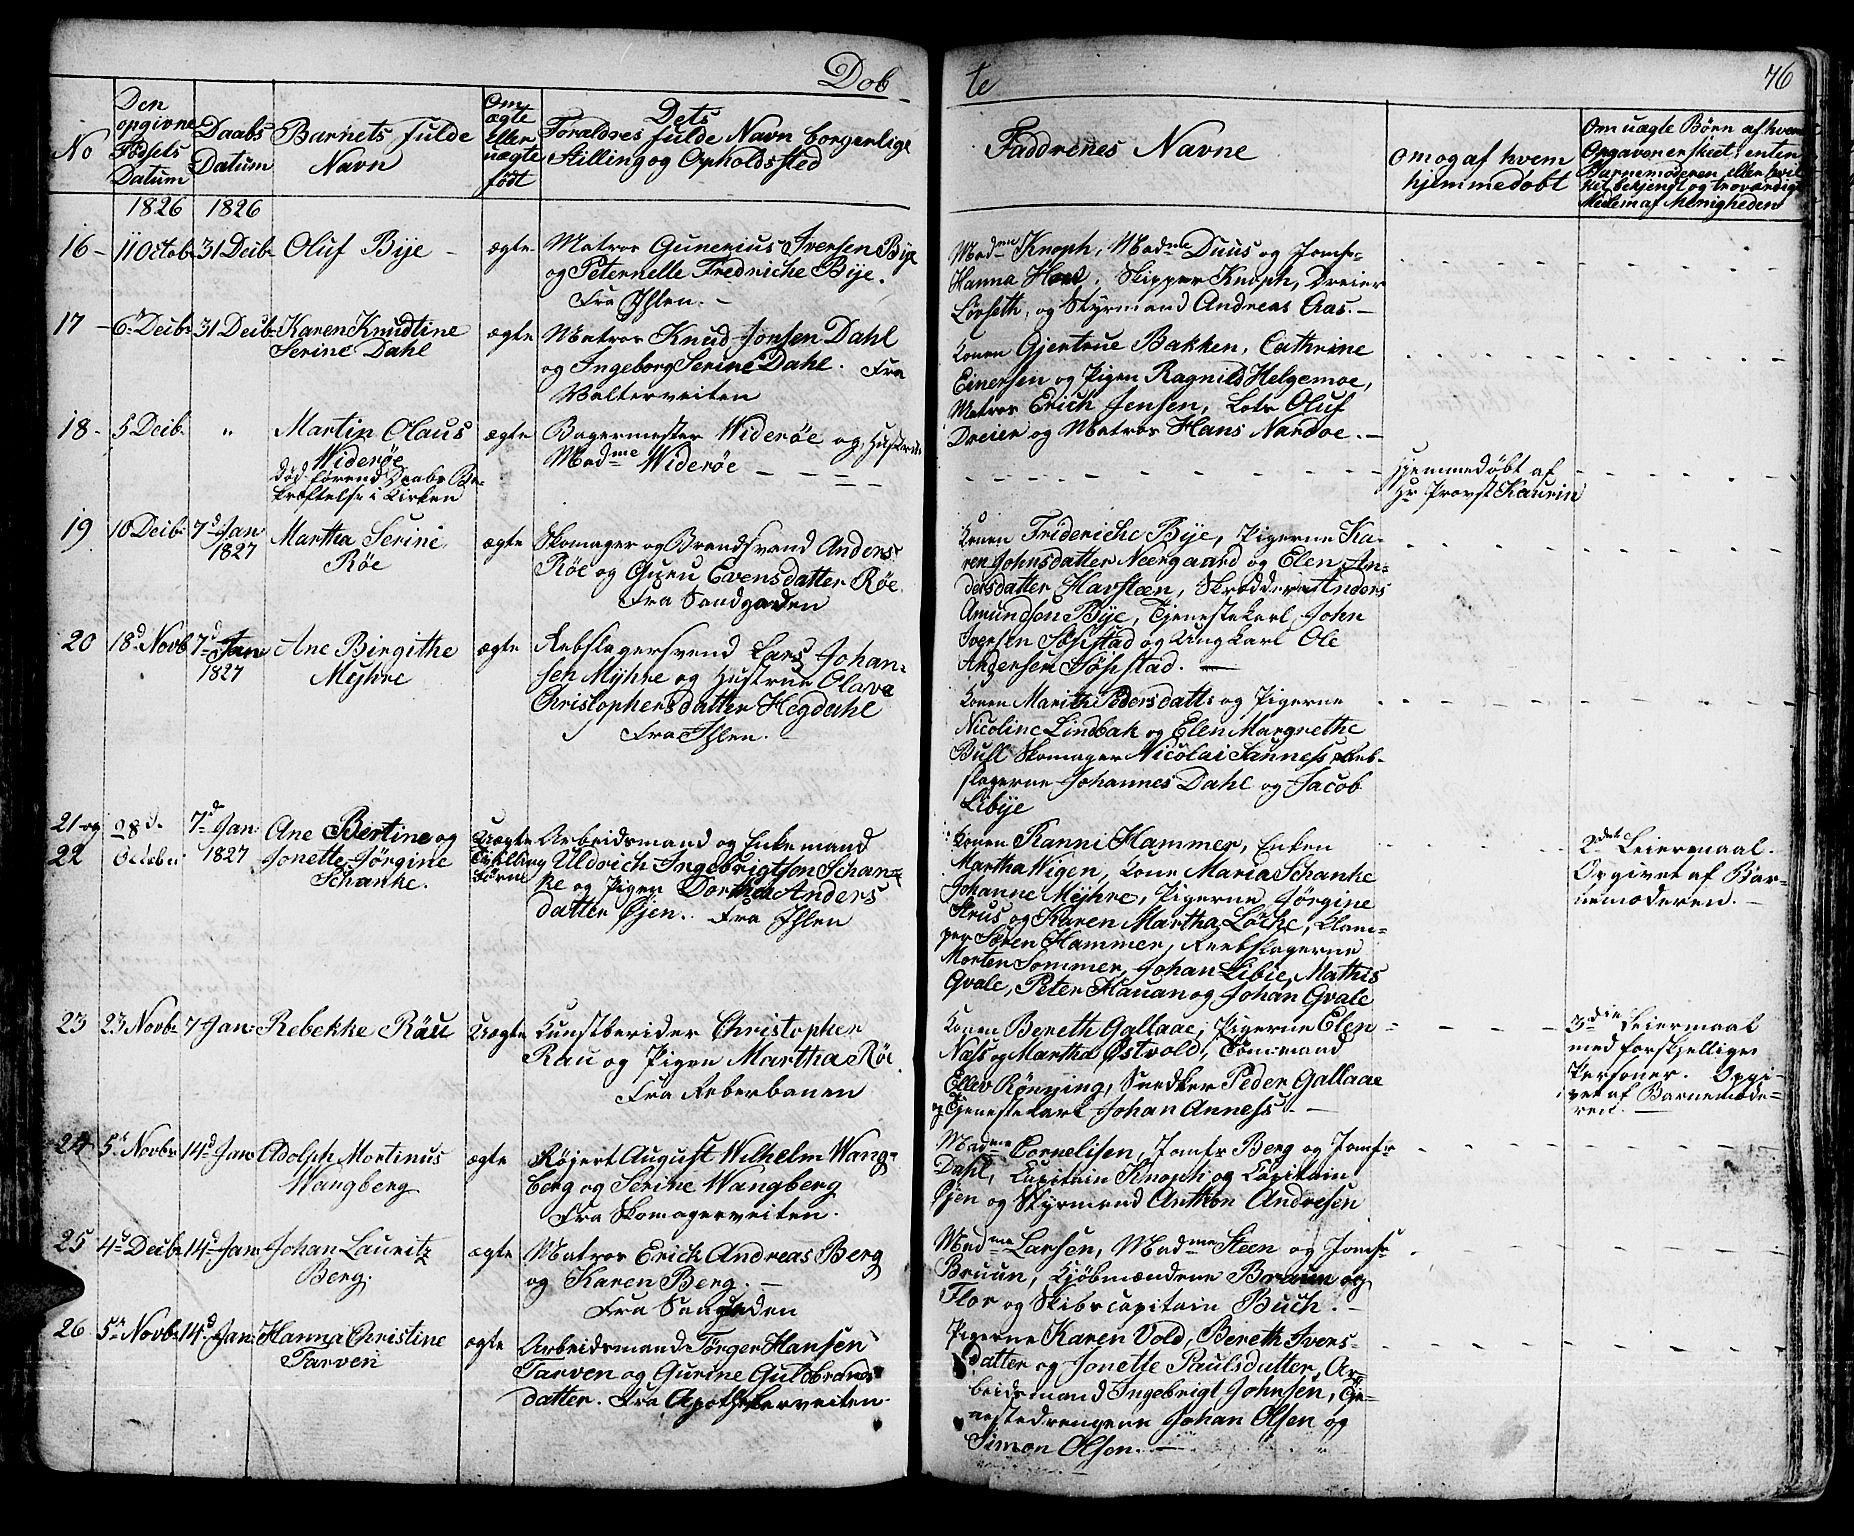 SAT, Ministerialprotokoller, klokkerbøker og fødselsregistre - Sør-Trøndelag, 601/L0045: Ministerialbok nr. 601A13, 1821-1831, s. 76